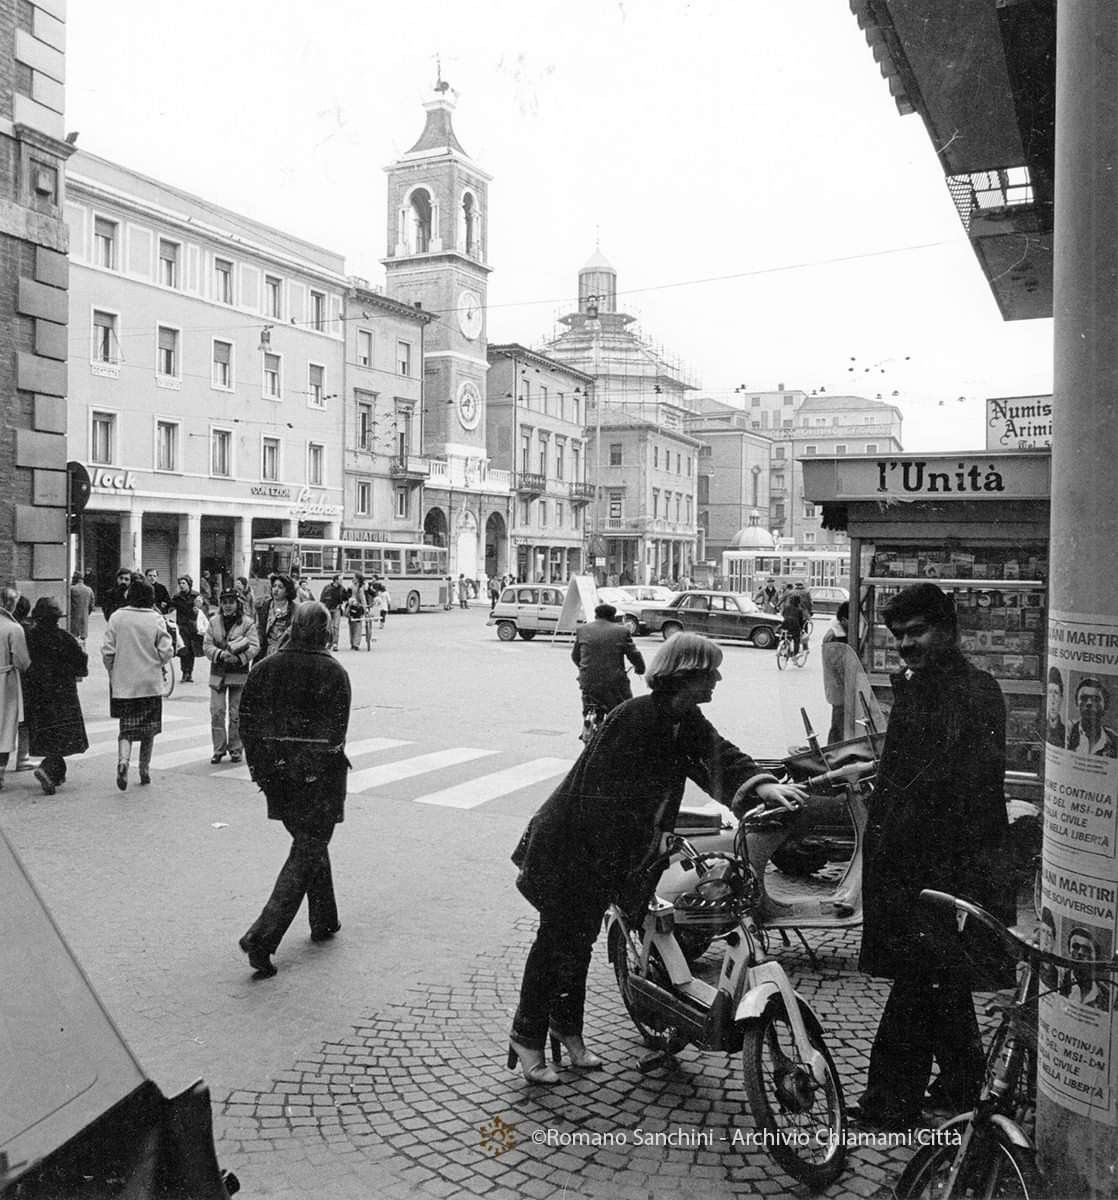 P. zza 3 martiri anni 70 Bianco e nero, Anni 70, Rimini